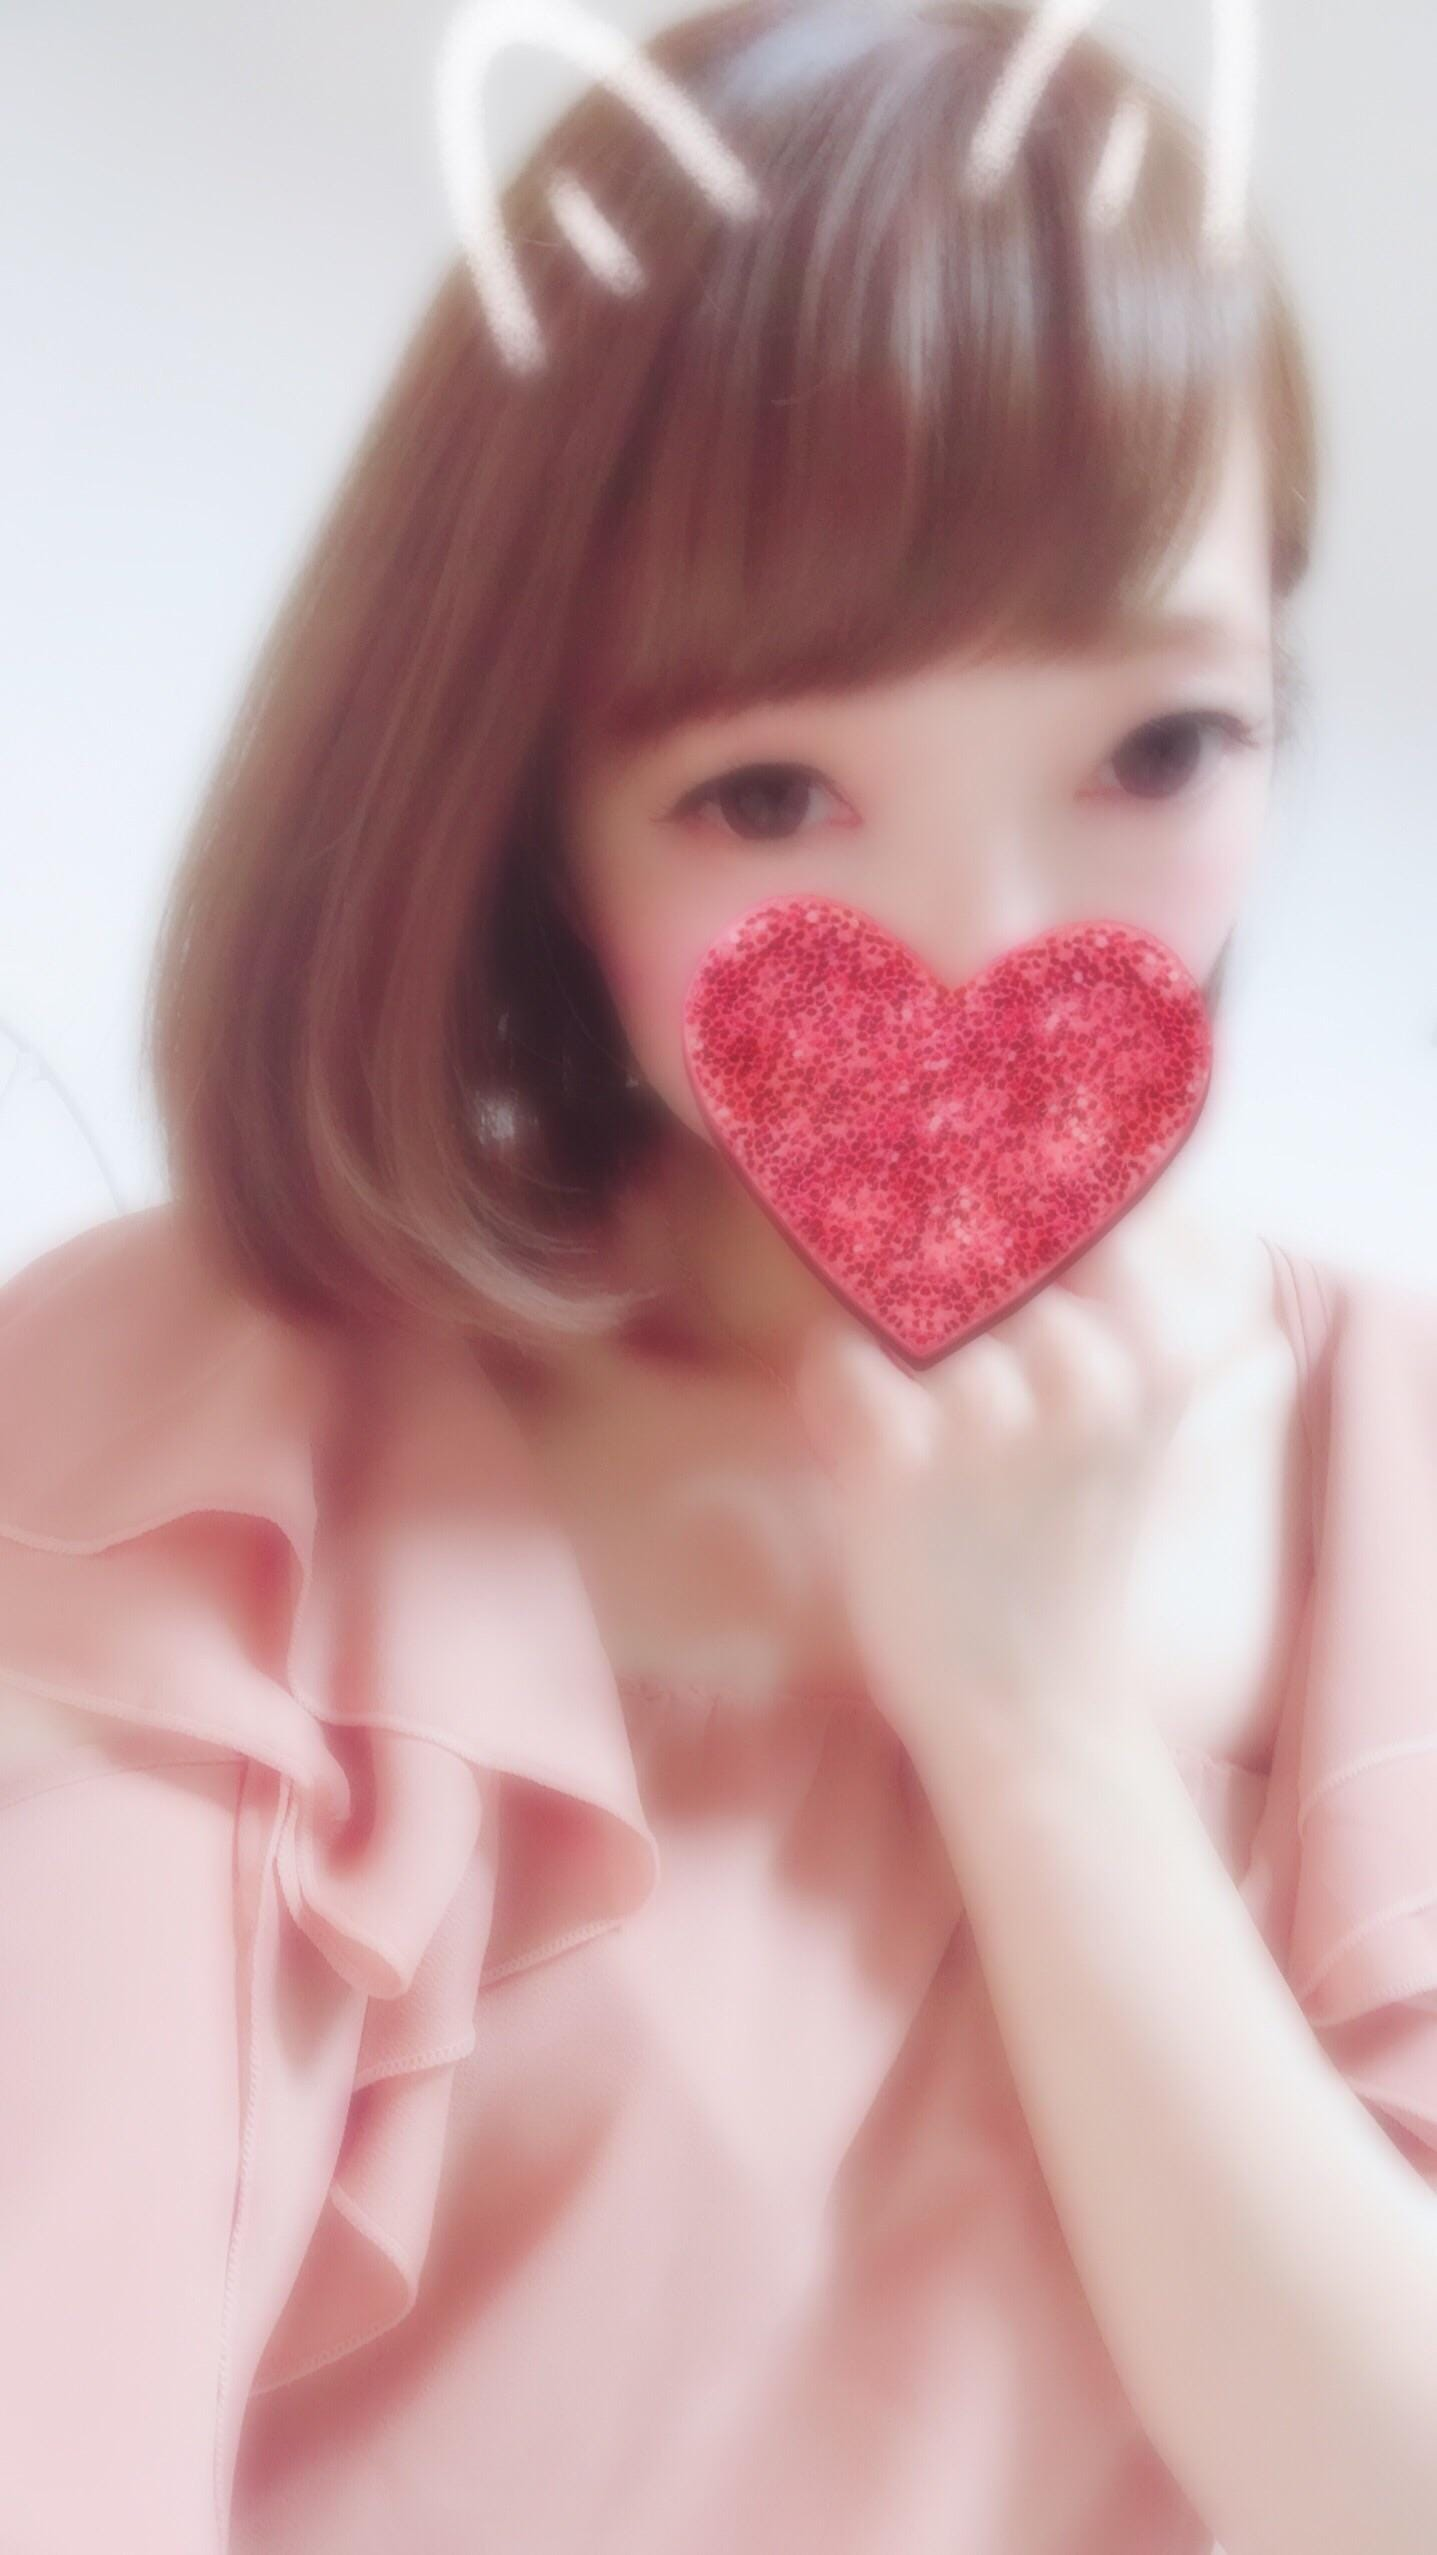 玉玲「帰宅(υ)/」07/20(金) 22:18 | 玉玲の写メ・風俗動画